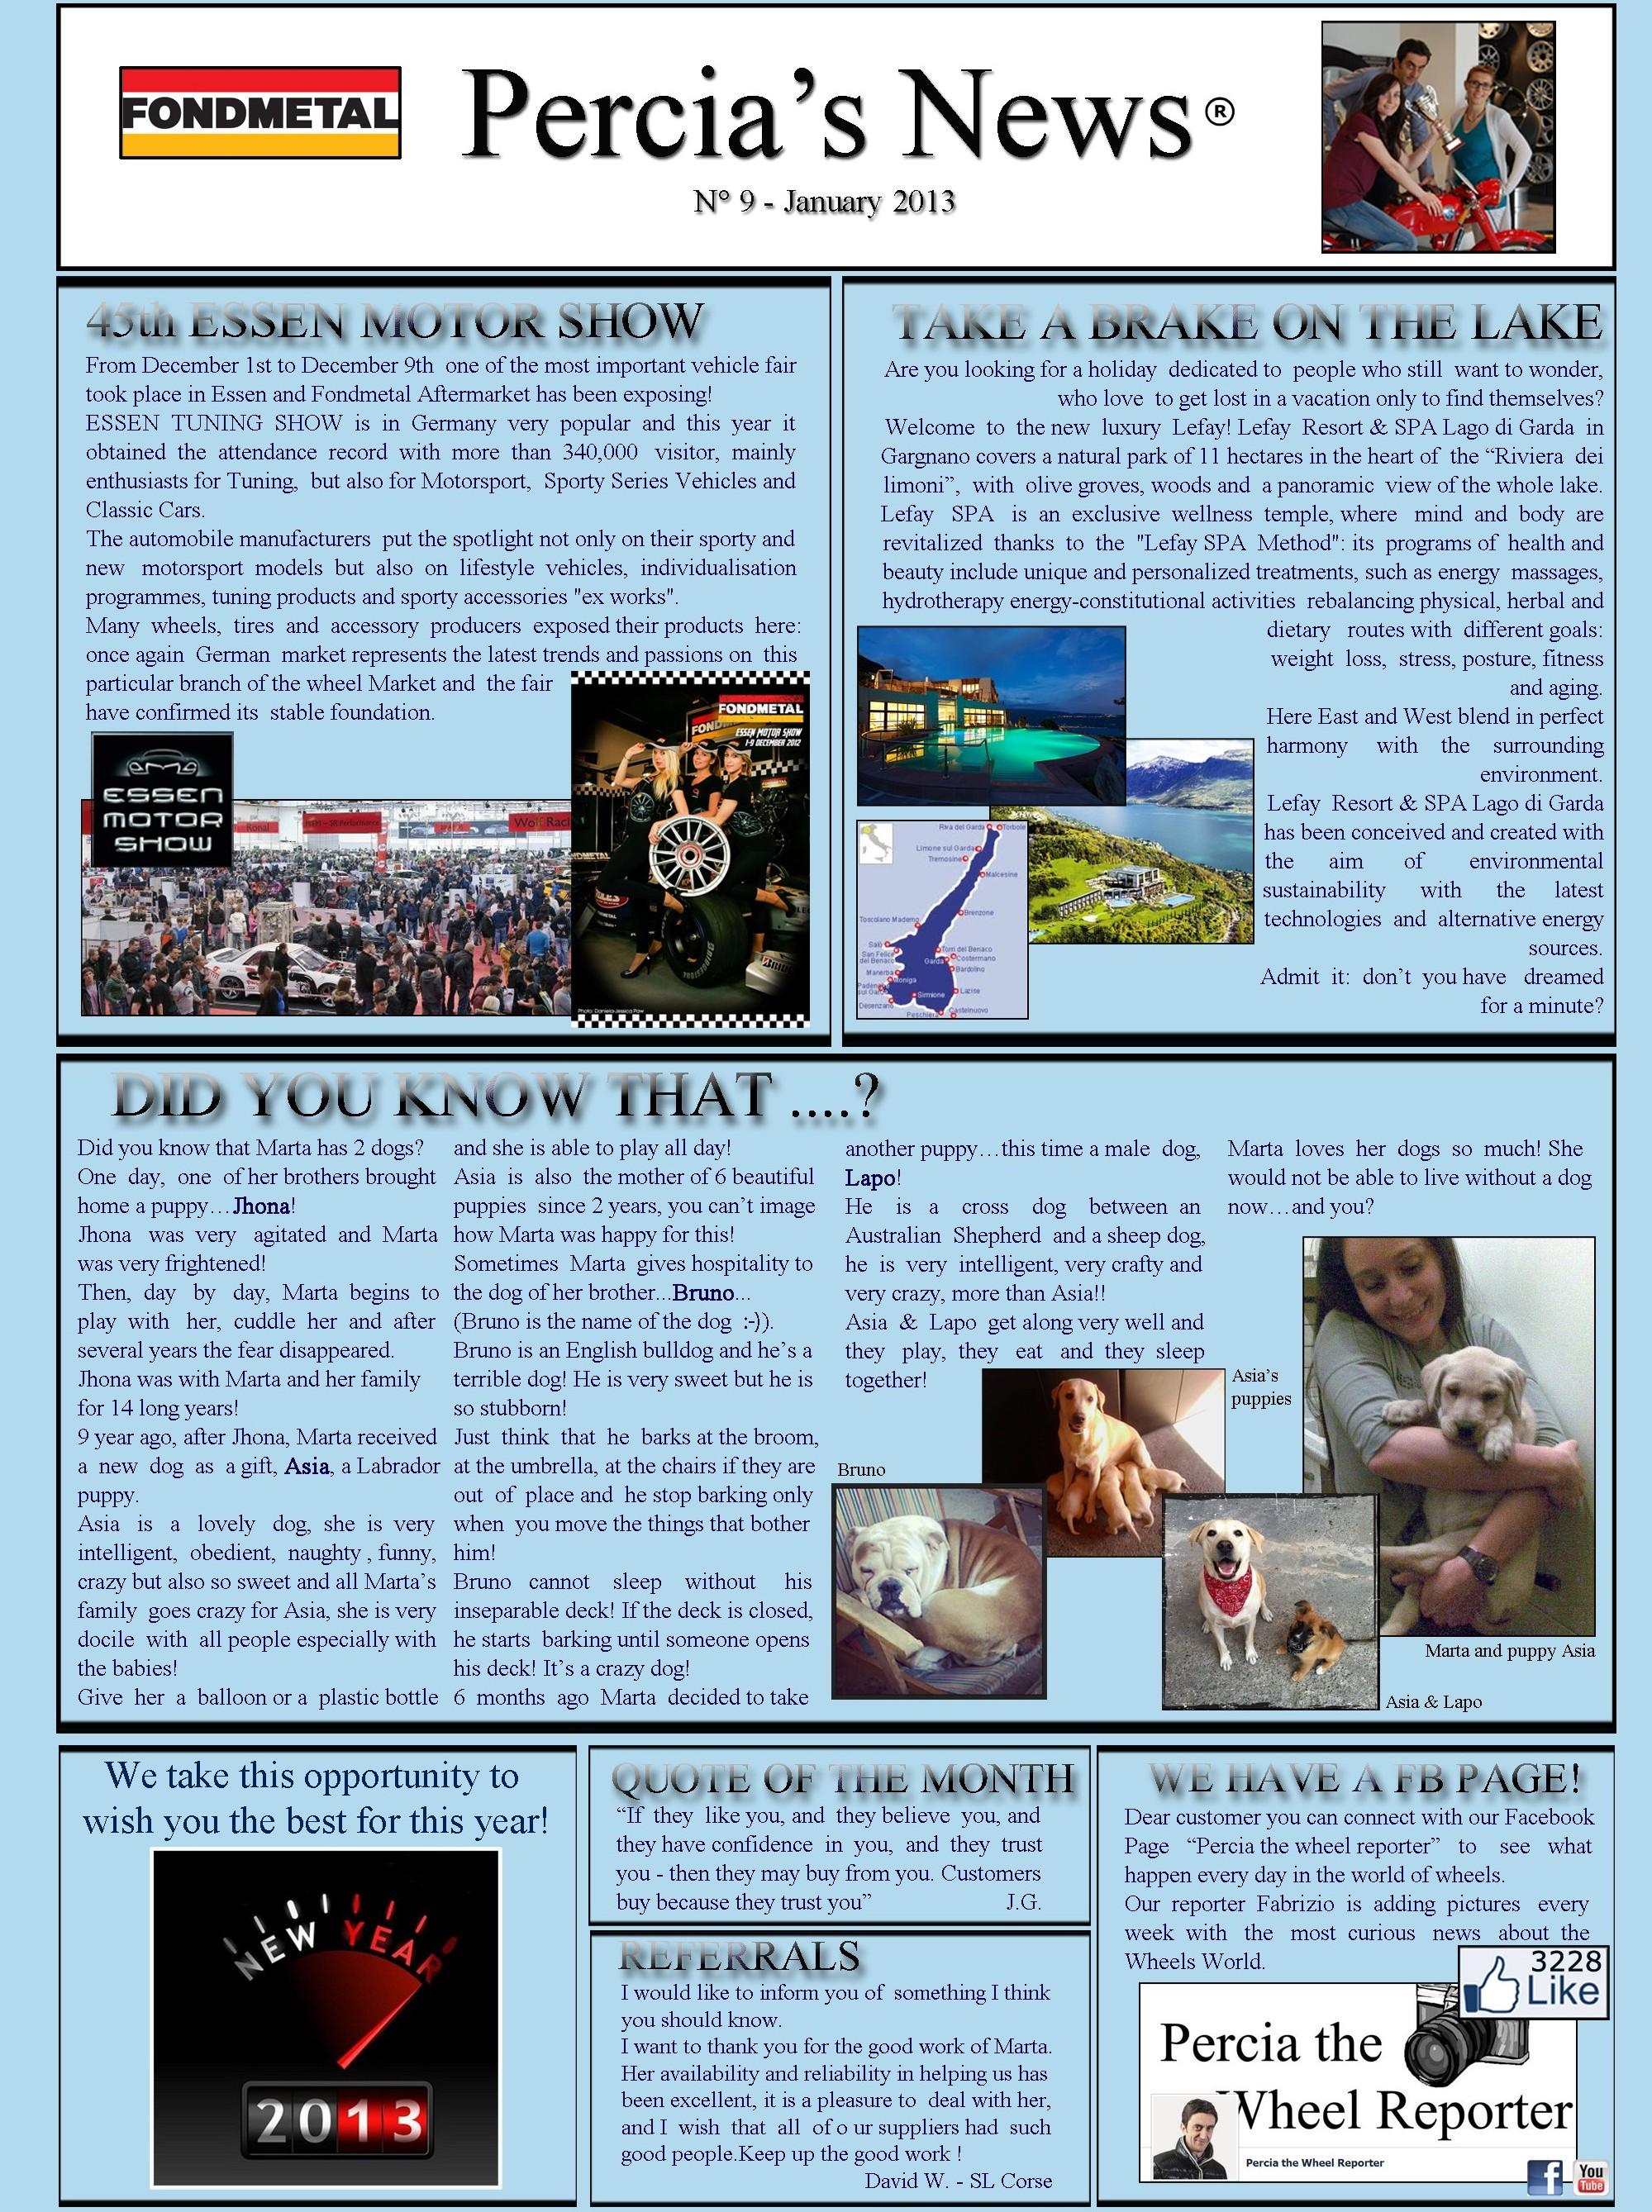 PERCIA'S NEWS JANUARY 2013